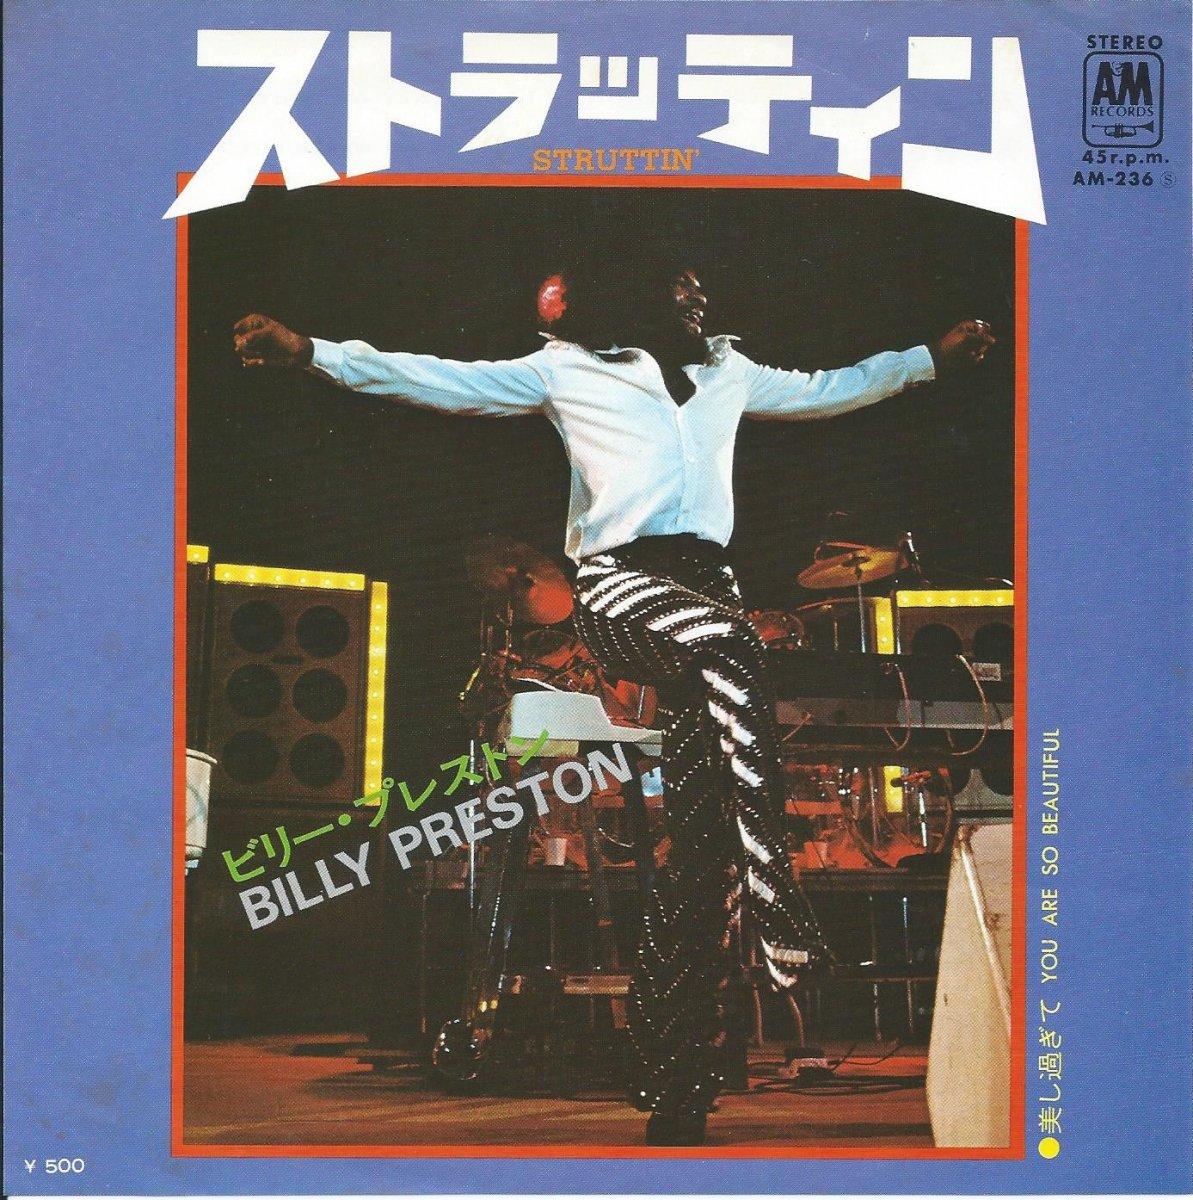 ビリー・プレストン BILLY PRESTON / ストラッティン STRUTTIN' (7